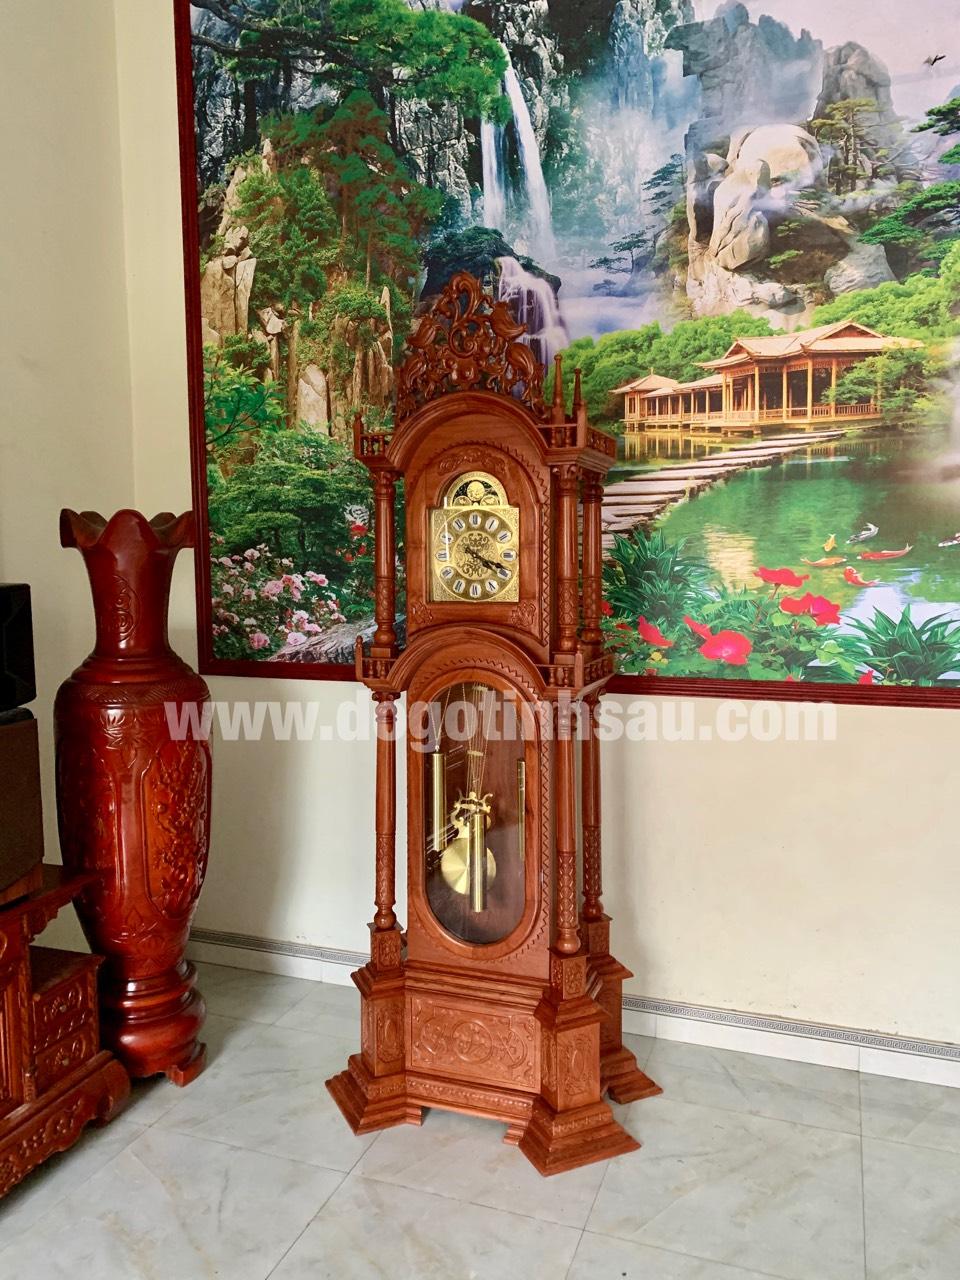 dong ho cay go huong da mau thap tu tru 3 - Đồng hồ cây gỗ hương đá mang lại sự thịnh vượng cho ngôi nhà của bạn